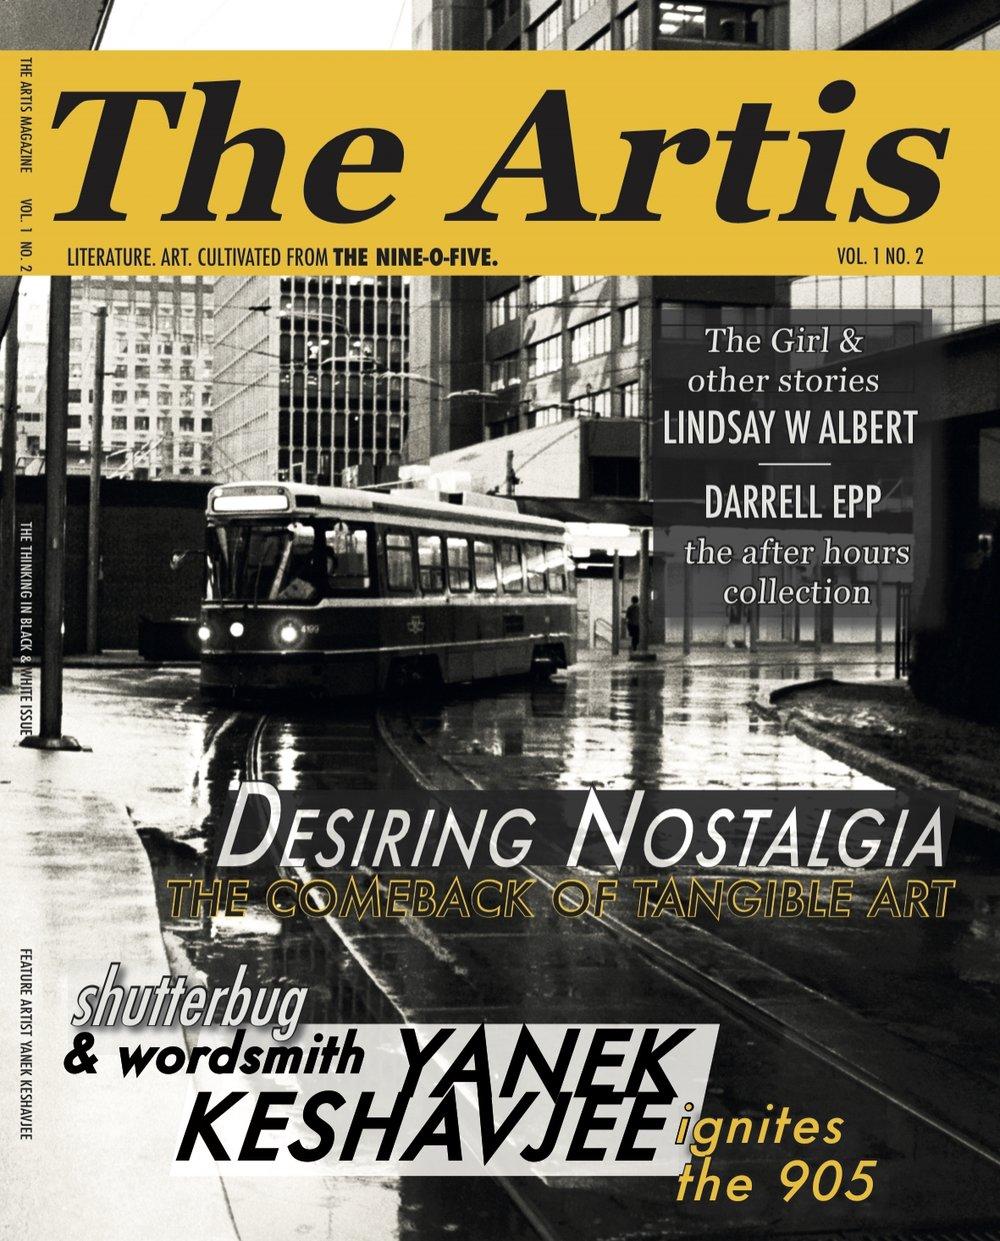 Artis 2 cover FINAL.jpg